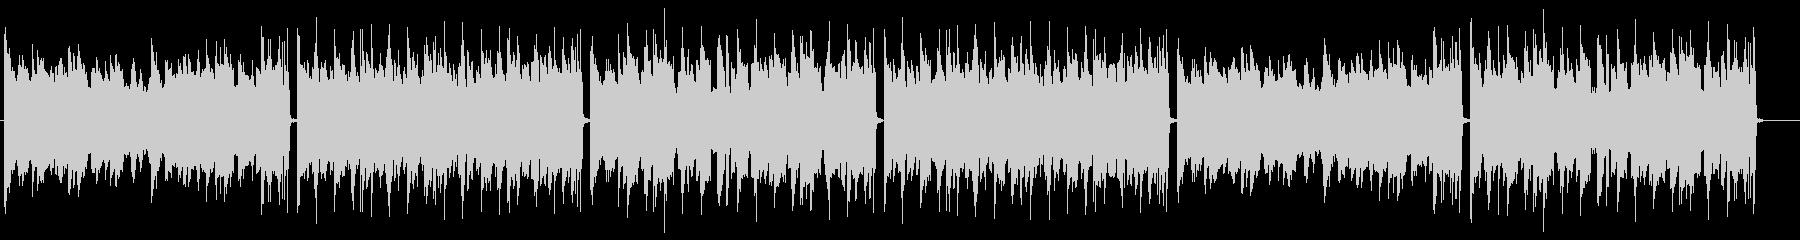 メロウで神秘的なピアノのLofi・チルの未再生の波形